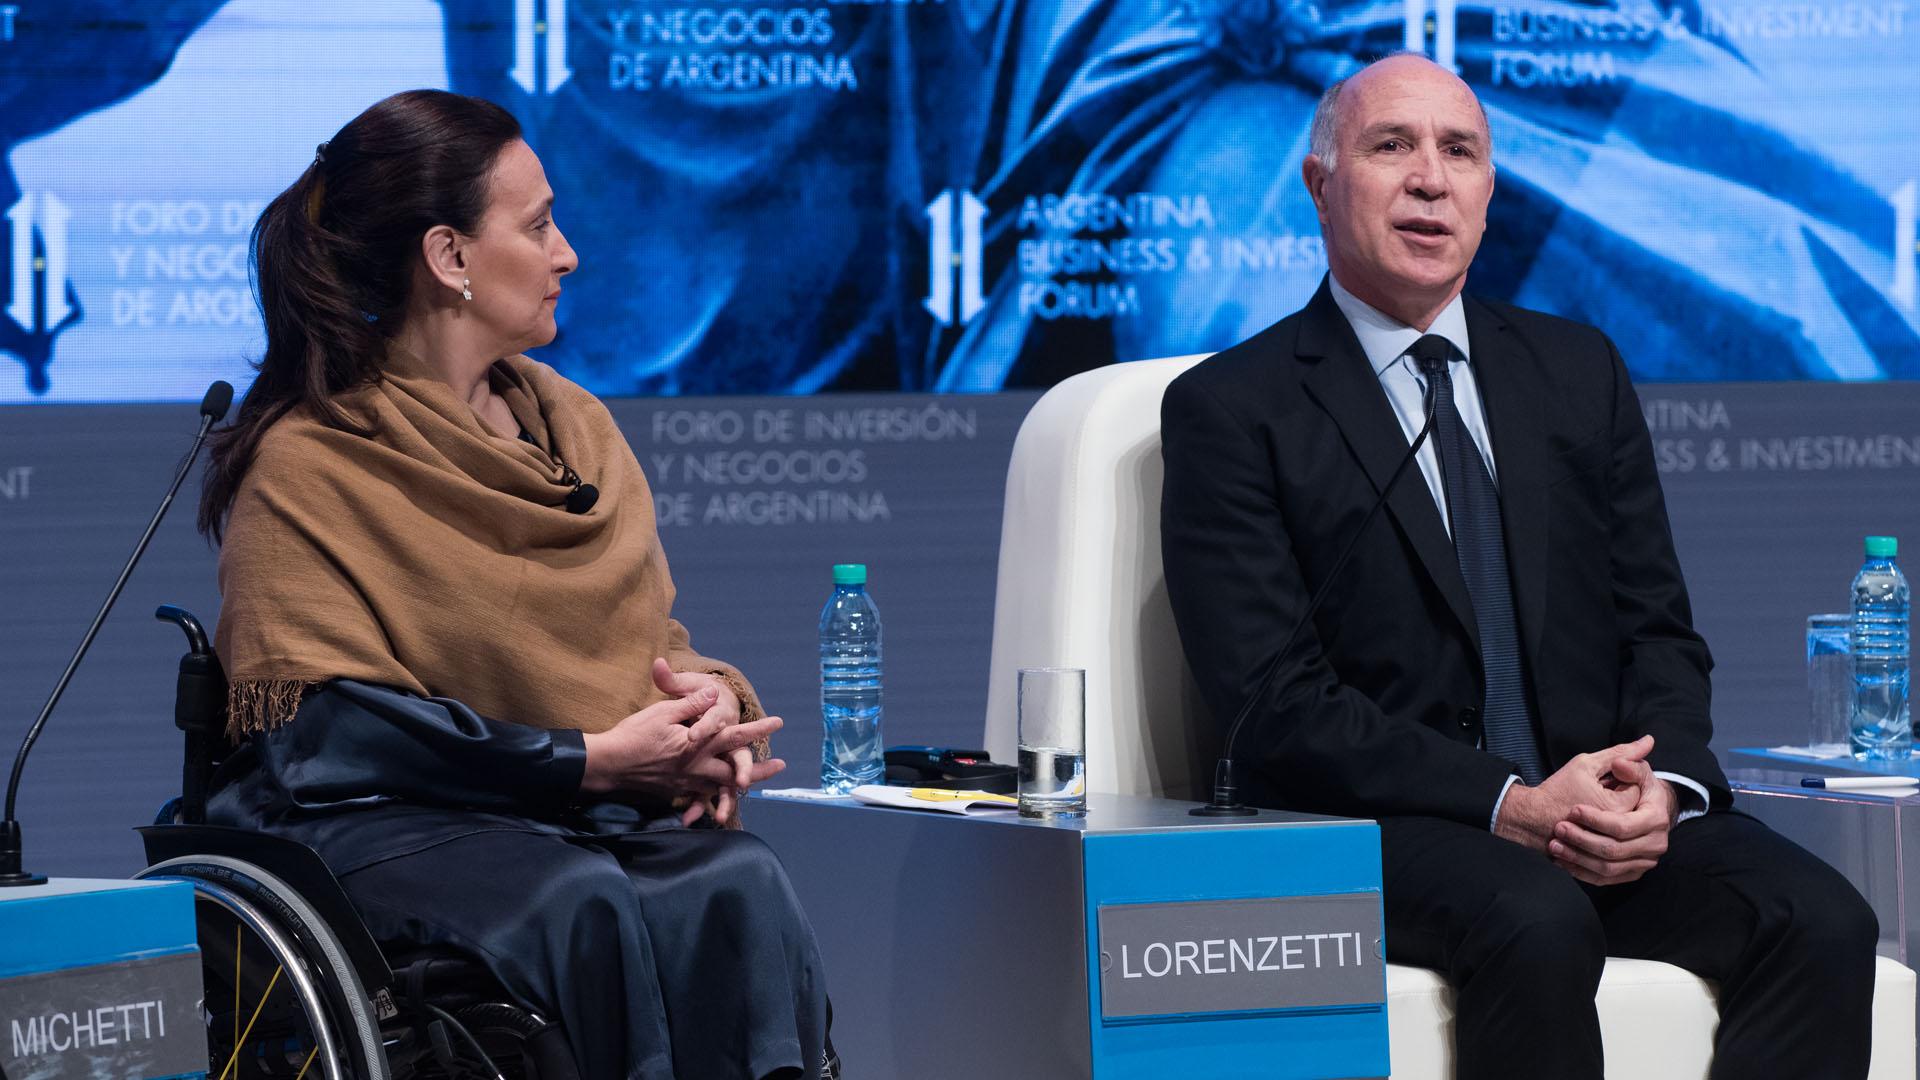 La vicepresidente Gabriela Michetti y el presidente de la Corte Suprema de Justicia, Ricardo Lorenzetti